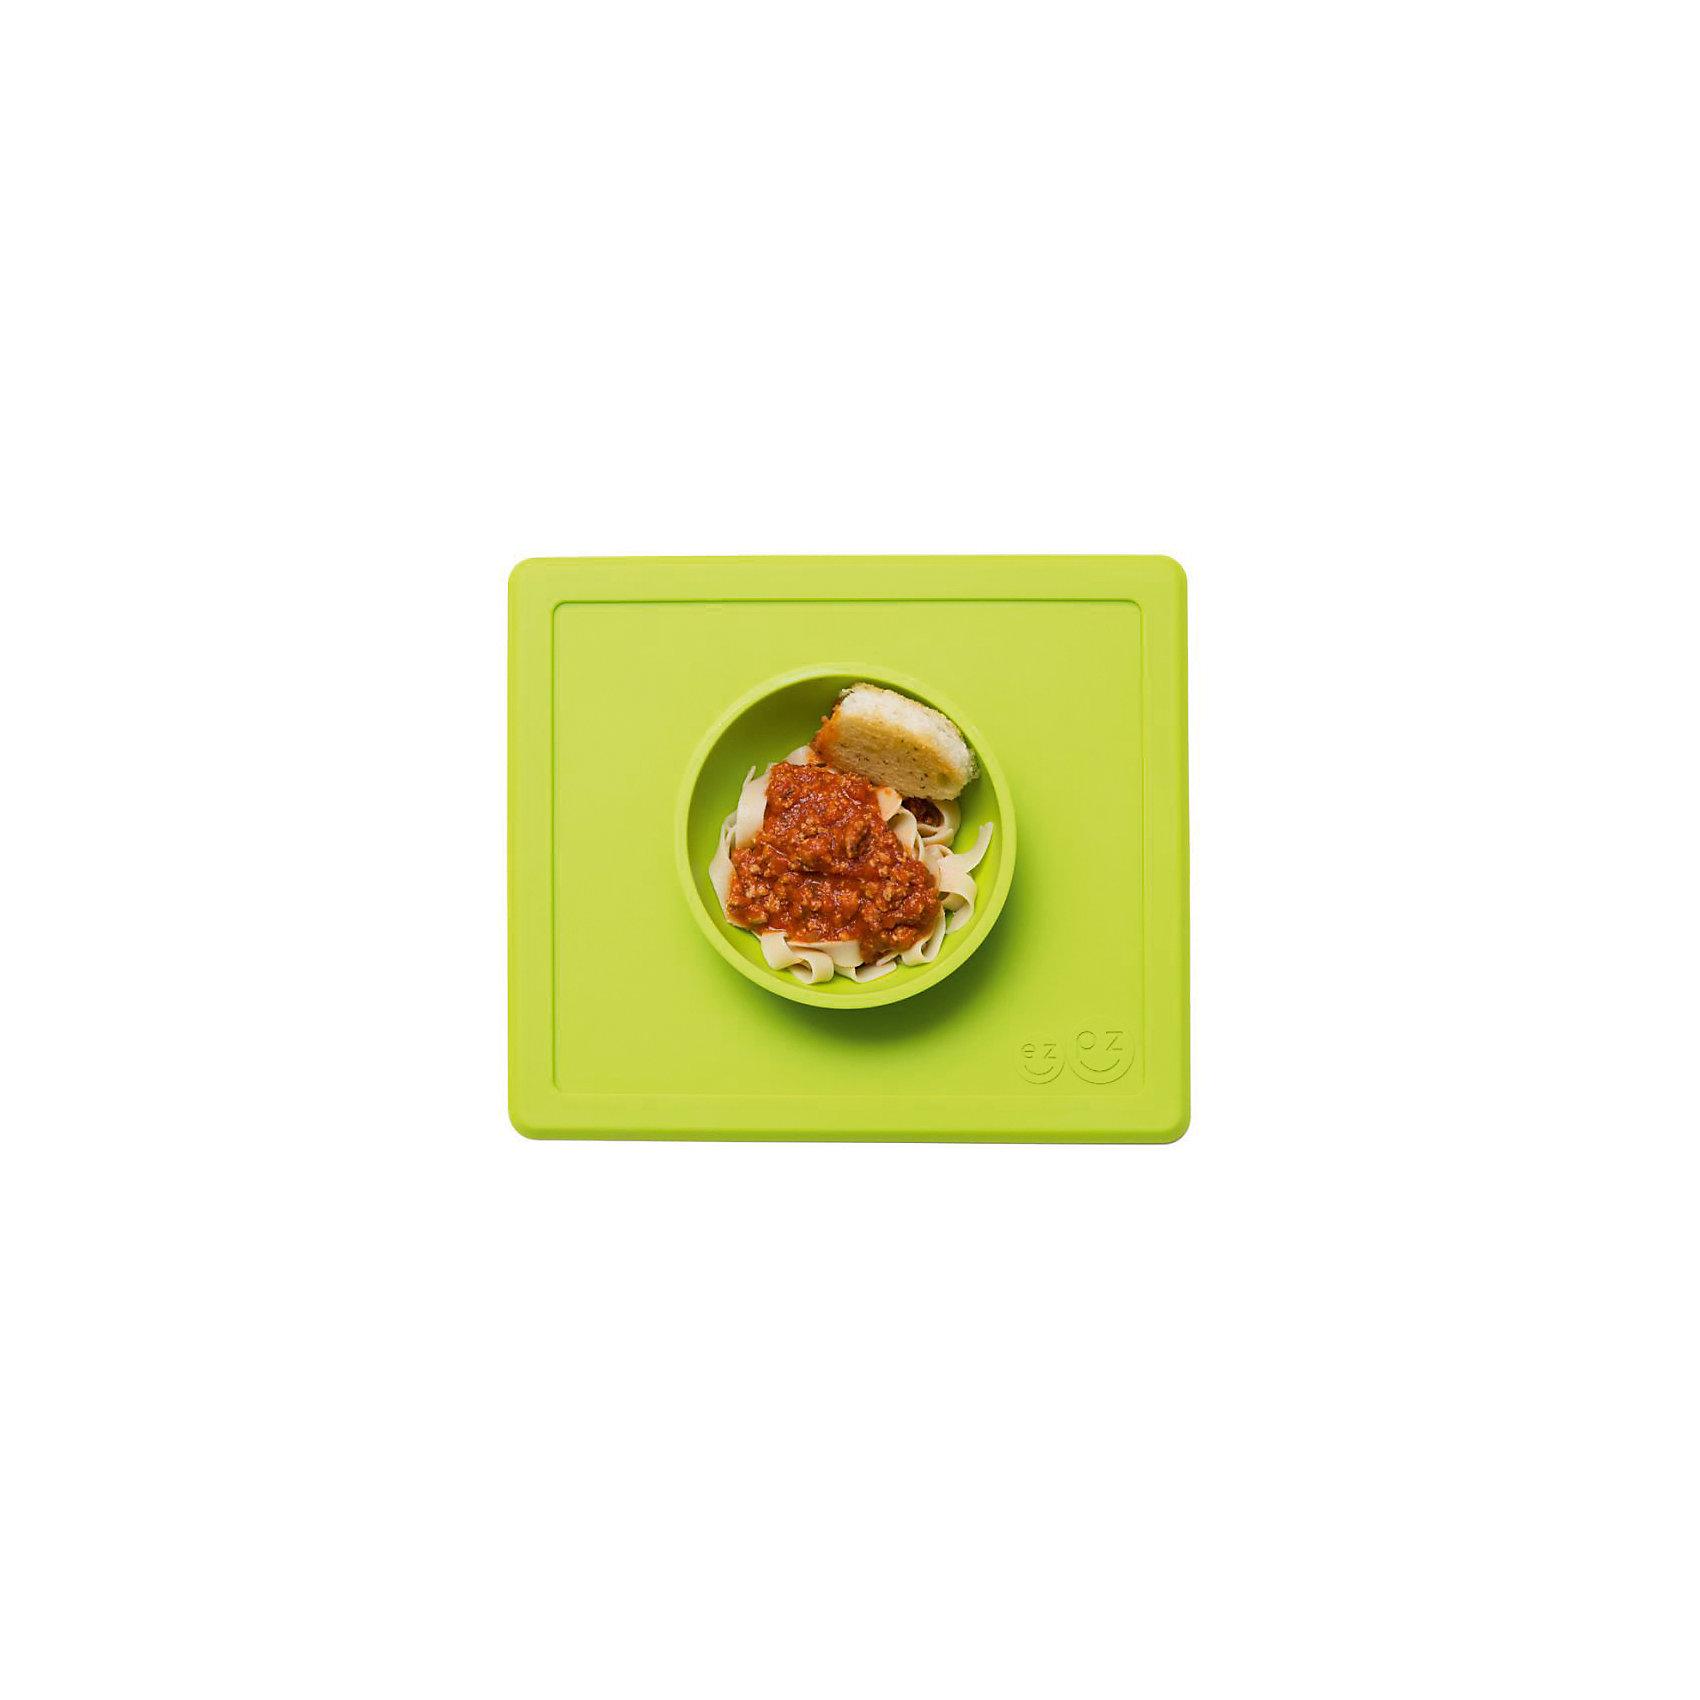 Тарелка с подставкой Happy Bowl, ezpz, зеленыйПосуда для малышей<br>Тарелка с подставкой Happy Bowl, ezpz, зеленый.<br><br>Характеристики:<br>• изготовлена из качественного пищевого силикона<br>• не содержит бисфенол, свинец, фталаты и ПВХ<br>• надежно прикрепляется к столу<br>• не имеет присосок<br>• сгибается по краям<br>• подходит для использования в посудомоечной машине и микроволновой печи<br>• состав: 100% силикон<br>• размер: 26,5х22,5х3,5 см<br>• объем: 240 мл<br>• цвет: зеленый<br><br>Тарелка с подставкой Happy Bowl, ezpz отлично подойдет для детей, которые только учатся есть аккуратно. Вы можете налить ребенку суп в чашу и не бояться, что малыш прольет его, ведь тарелка надежно крепится к столу за счет своего веса. По краям мата вы сможете положить хлеб, чашку или столовые приборы. Тарелку можно греть в микроволновой печи и мыть в посудомоечной машине, что еще больше облегчает ее использование. <br><br>Тарелку с подставкой Happy Bowl, ezpz, зеленый можно приобрести в нашем интернет-магазине.<br><br>Ширина мм: 260<br>Глубина мм: 35<br>Высота мм: 225<br>Вес г: 460<br>Возраст от месяцев: 0<br>Возраст до месяцев: 36<br>Пол: Унисекс<br>Возраст: Детский<br>SKU: 5068710